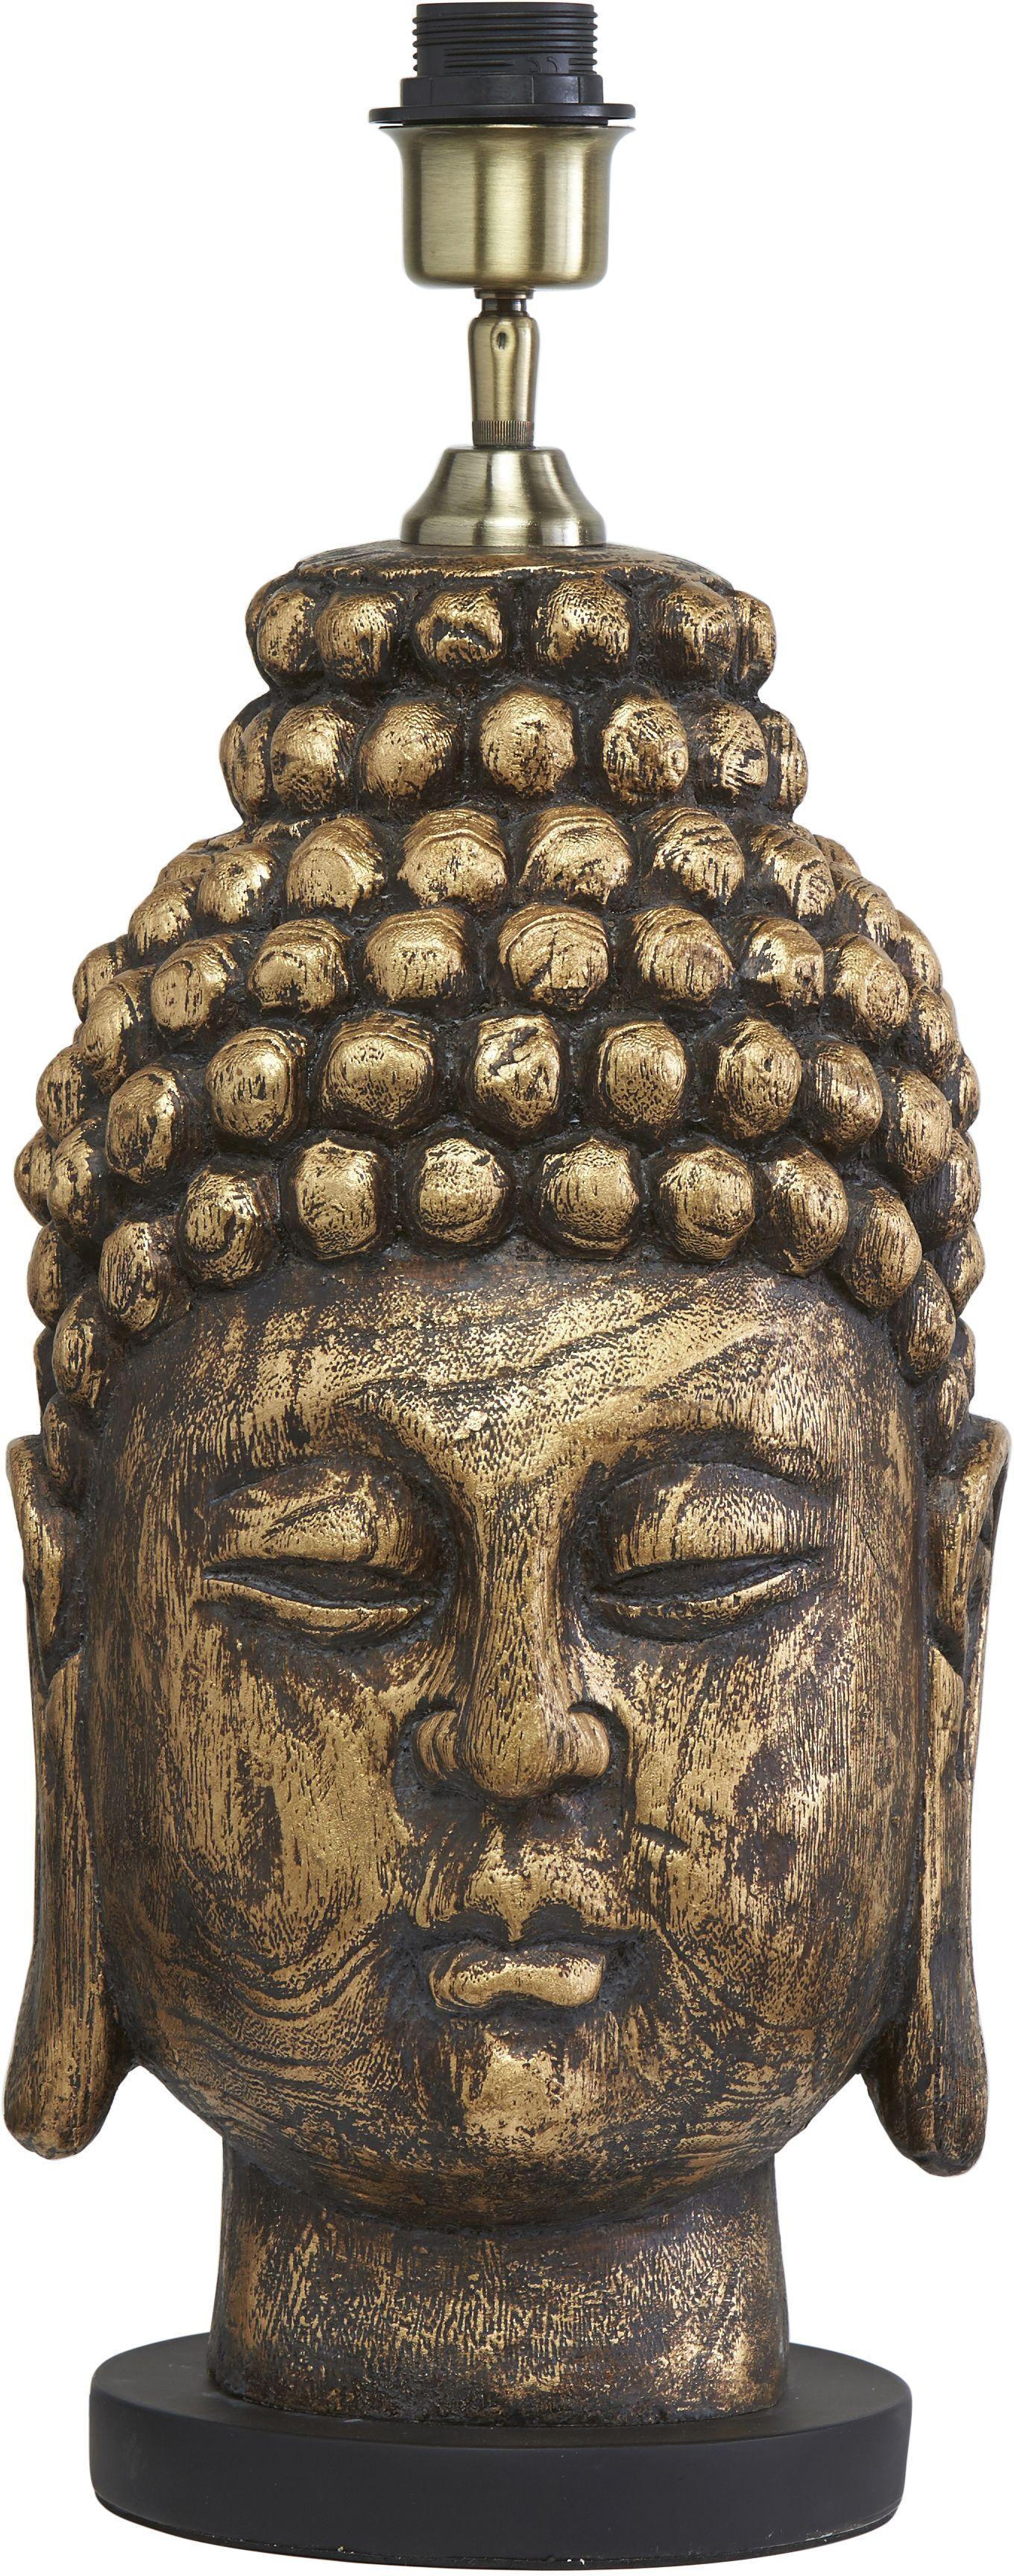 Pr Home Buddha Antikiki Messinki 54cm Lampunjalat